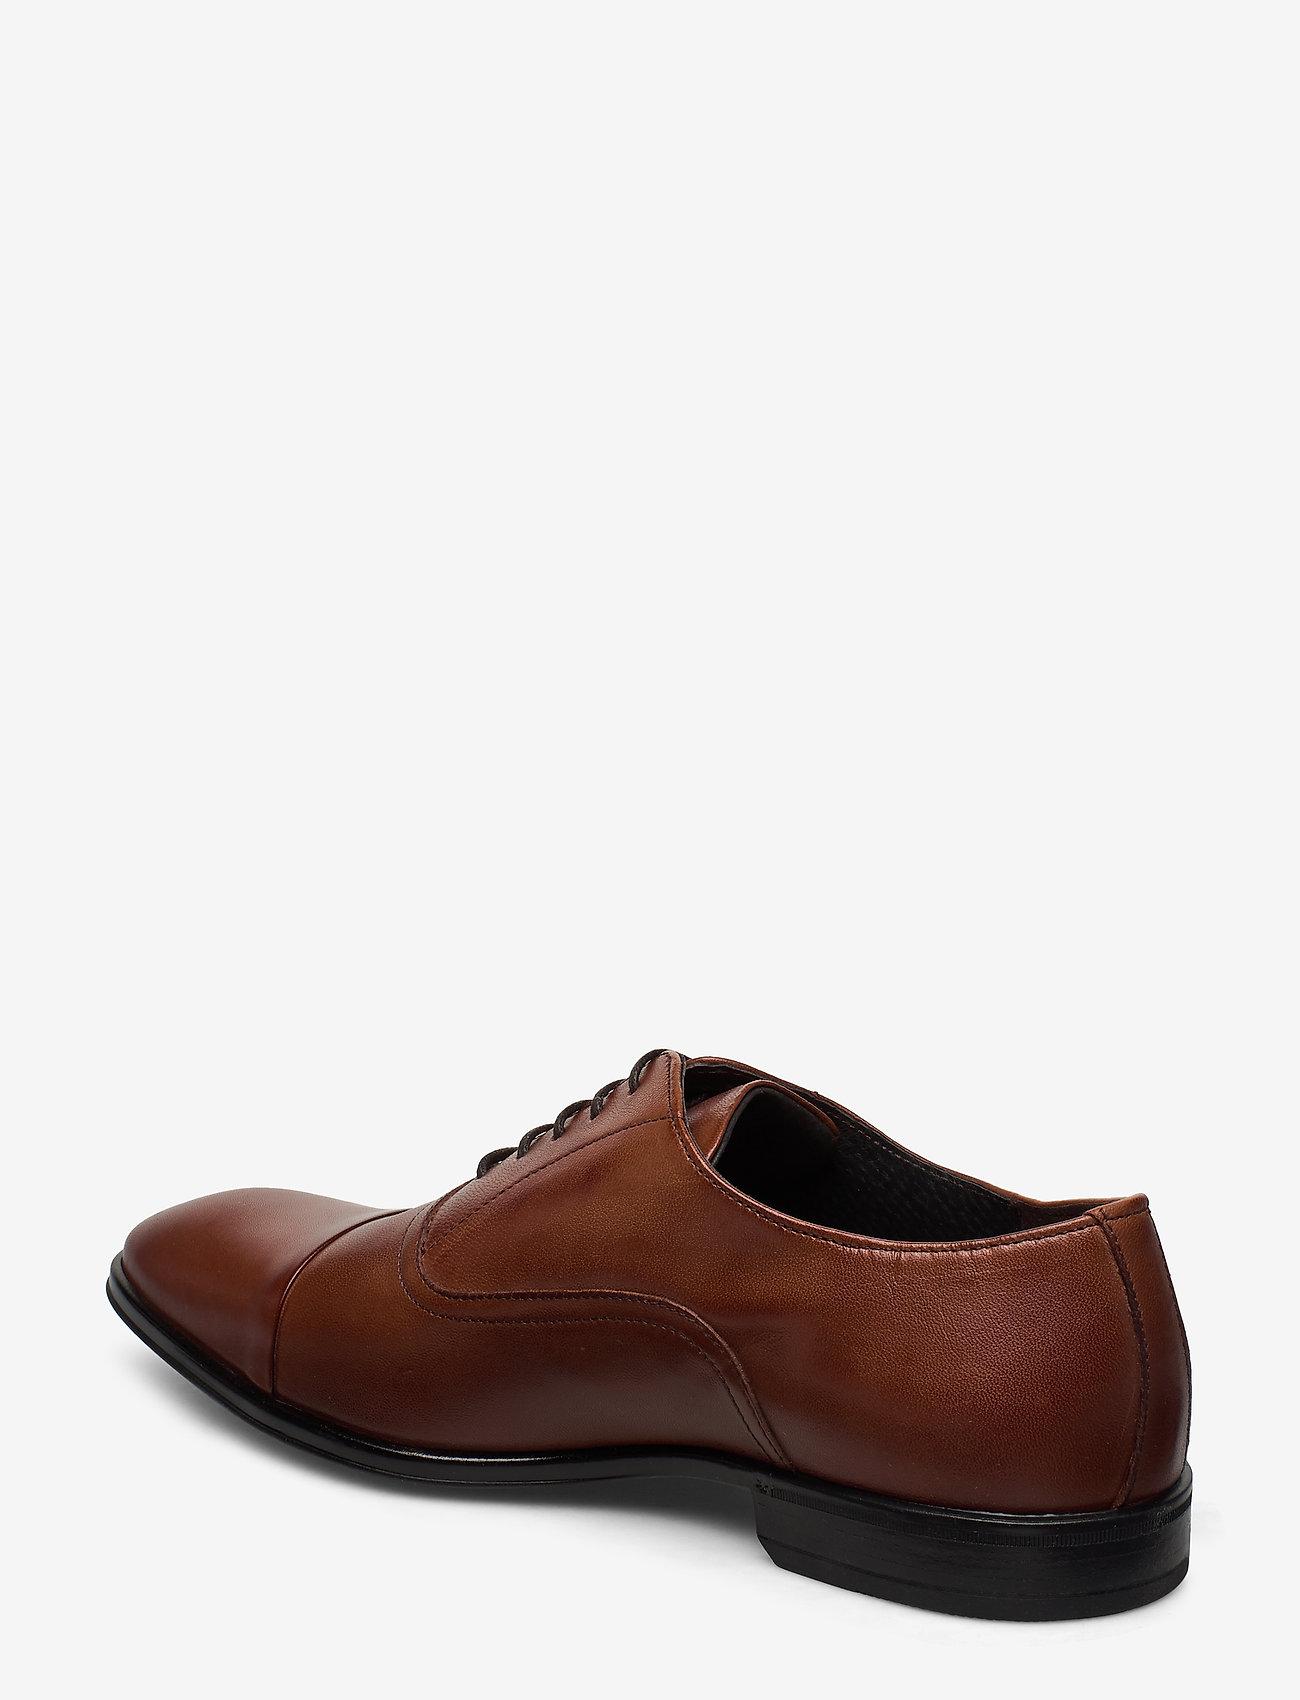 2498 (Cognac) - Playboy Footwear